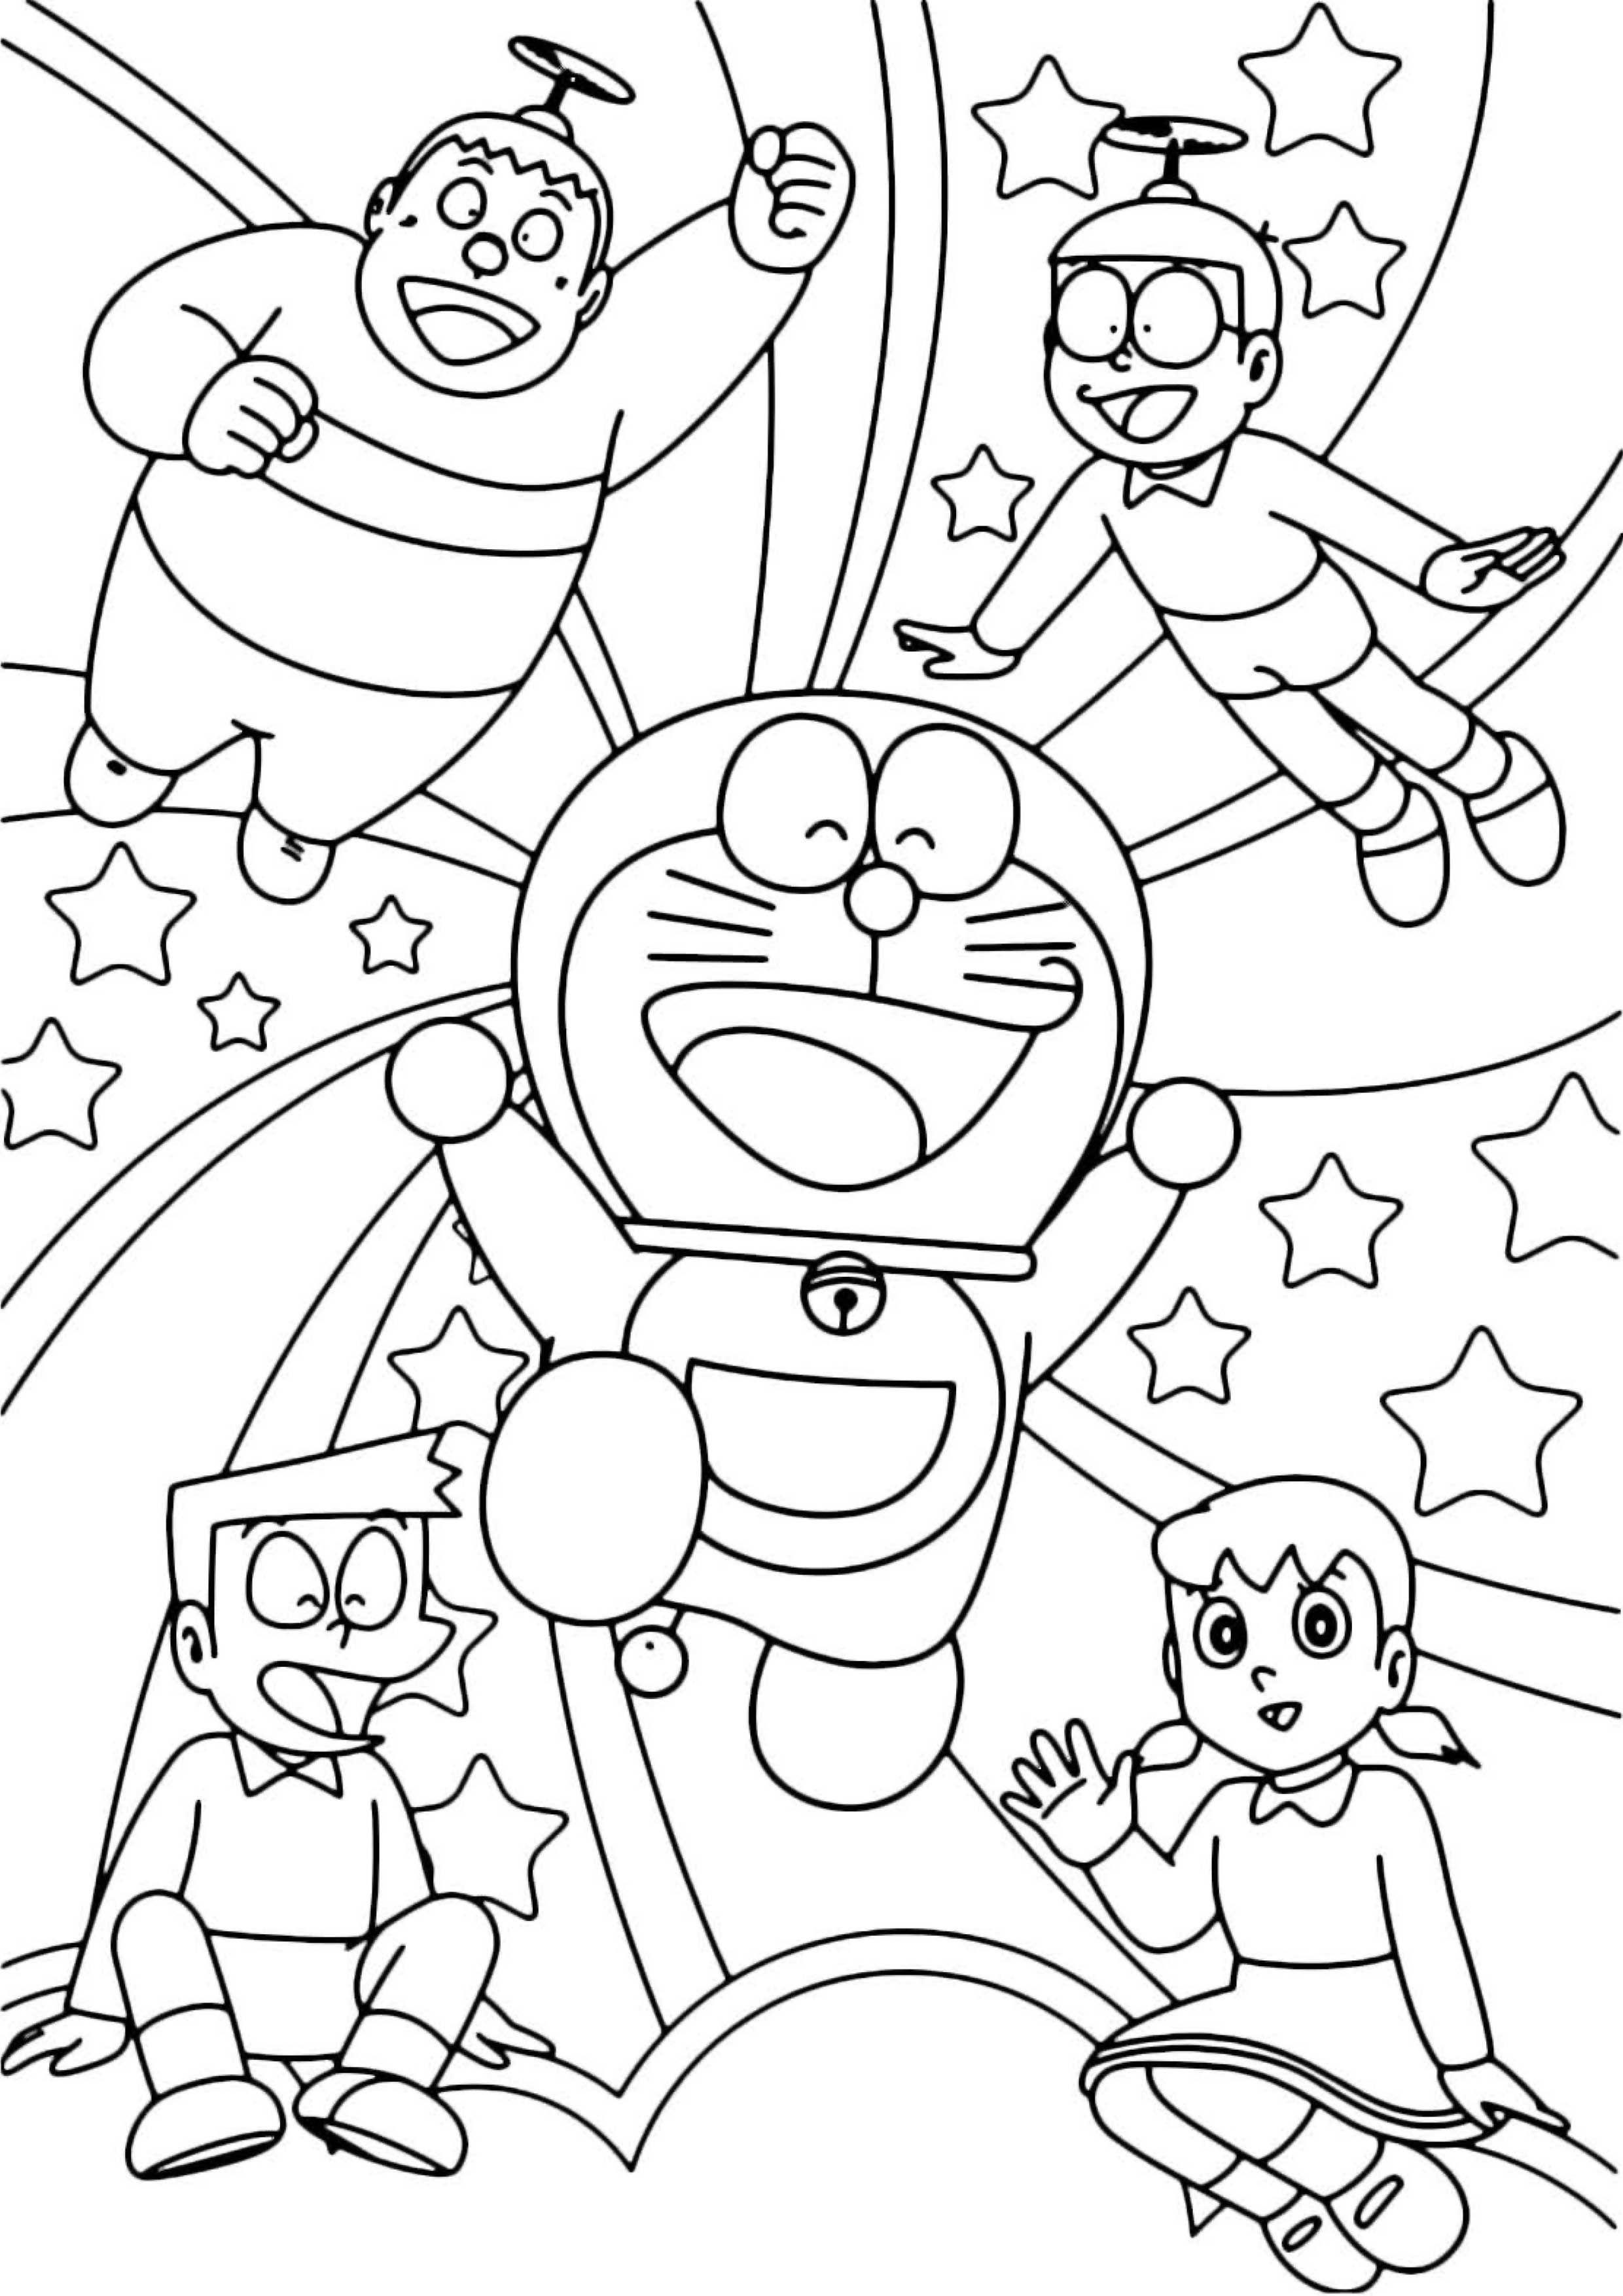 28 Disegni di Doraemon da Colorare | Pagine da colorare ...